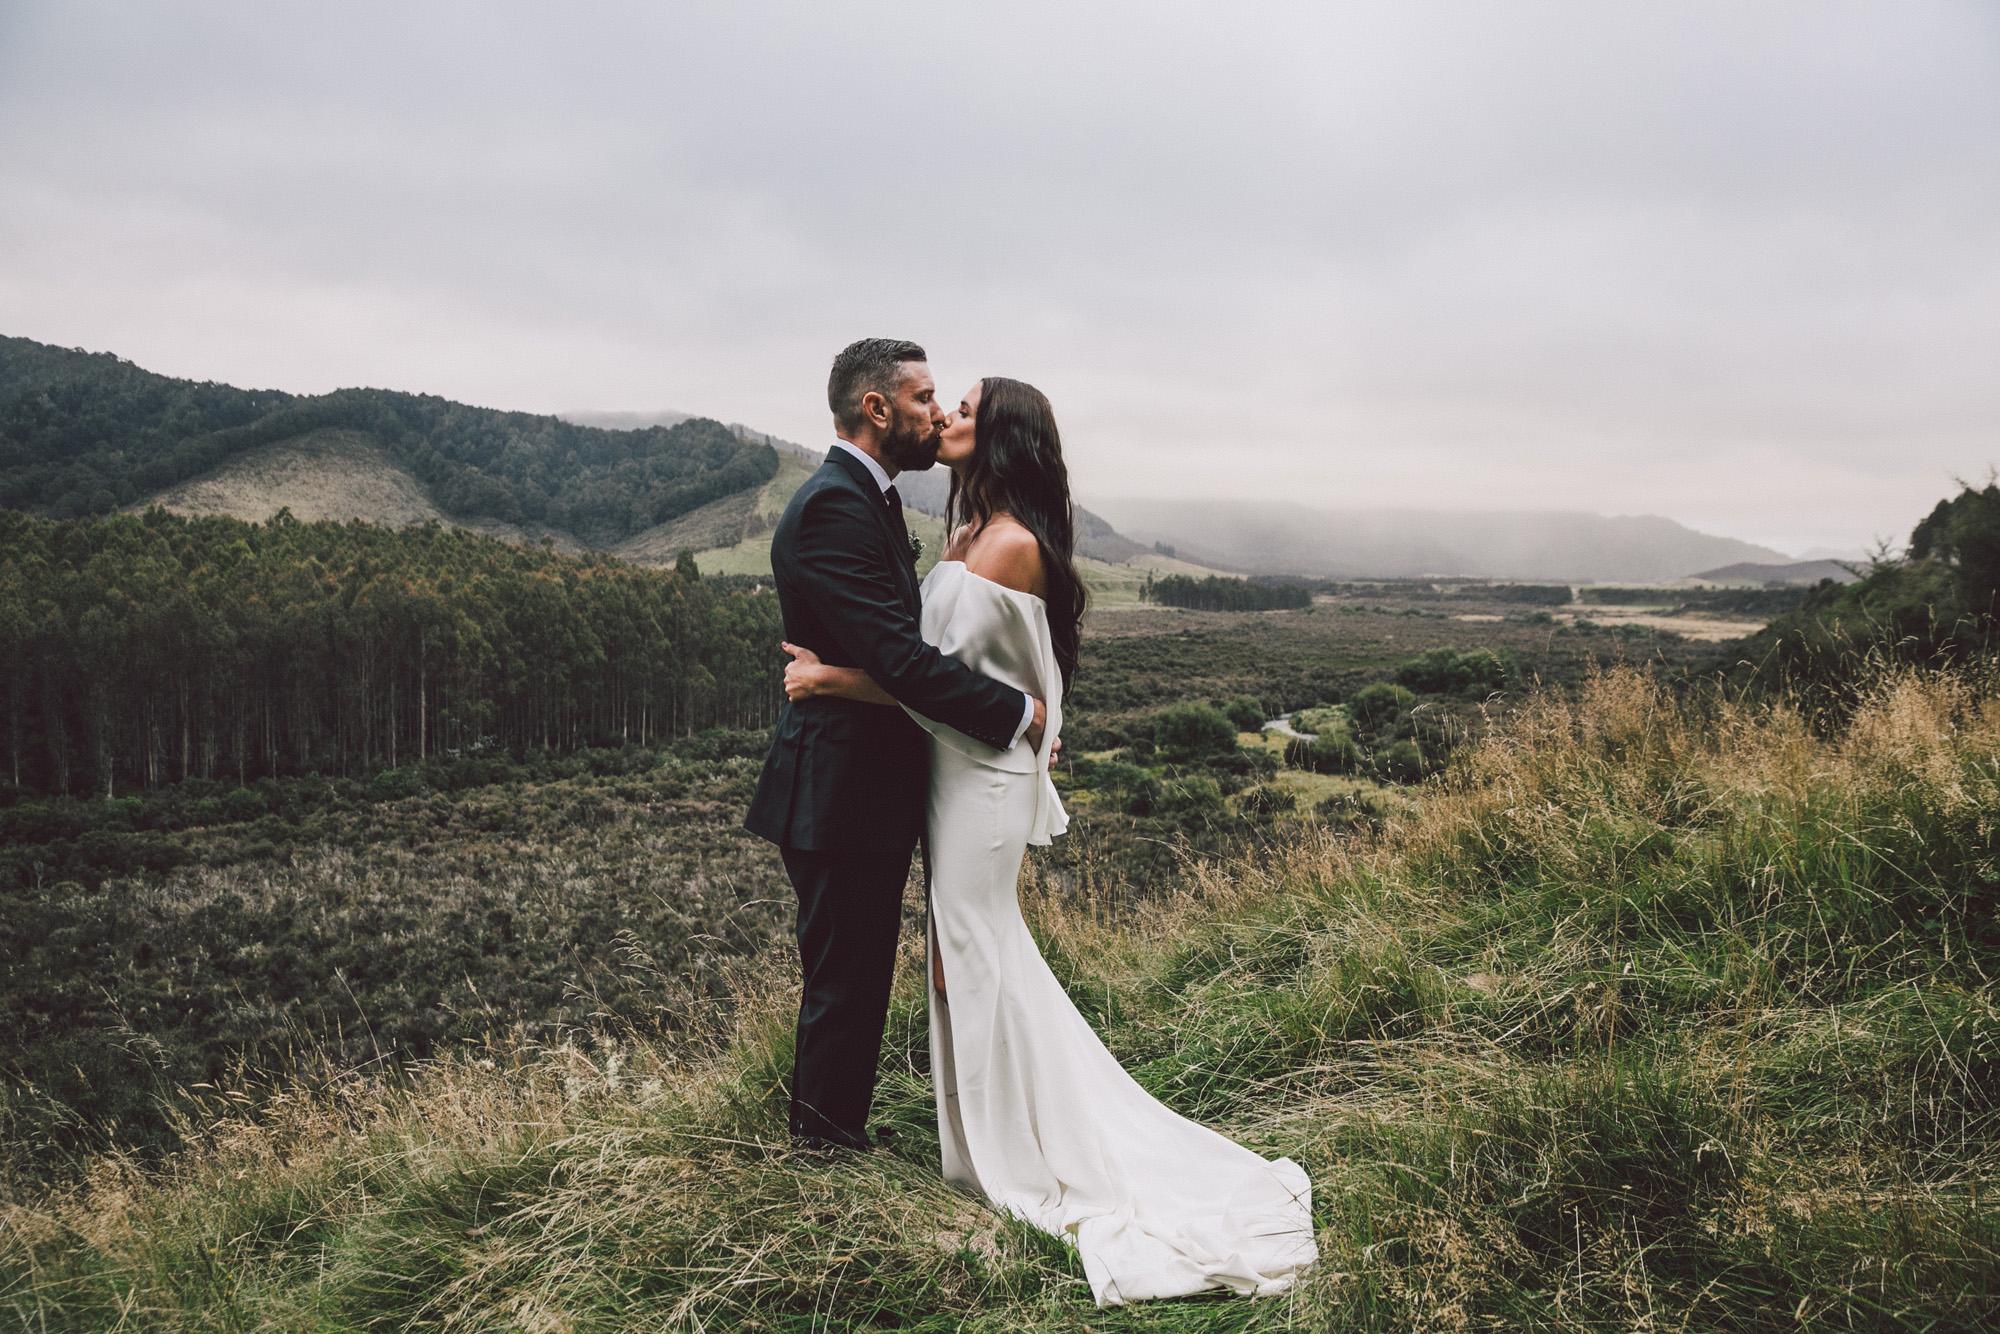 Poronui_Wedding_Sarah_McEvoy_106.jpg